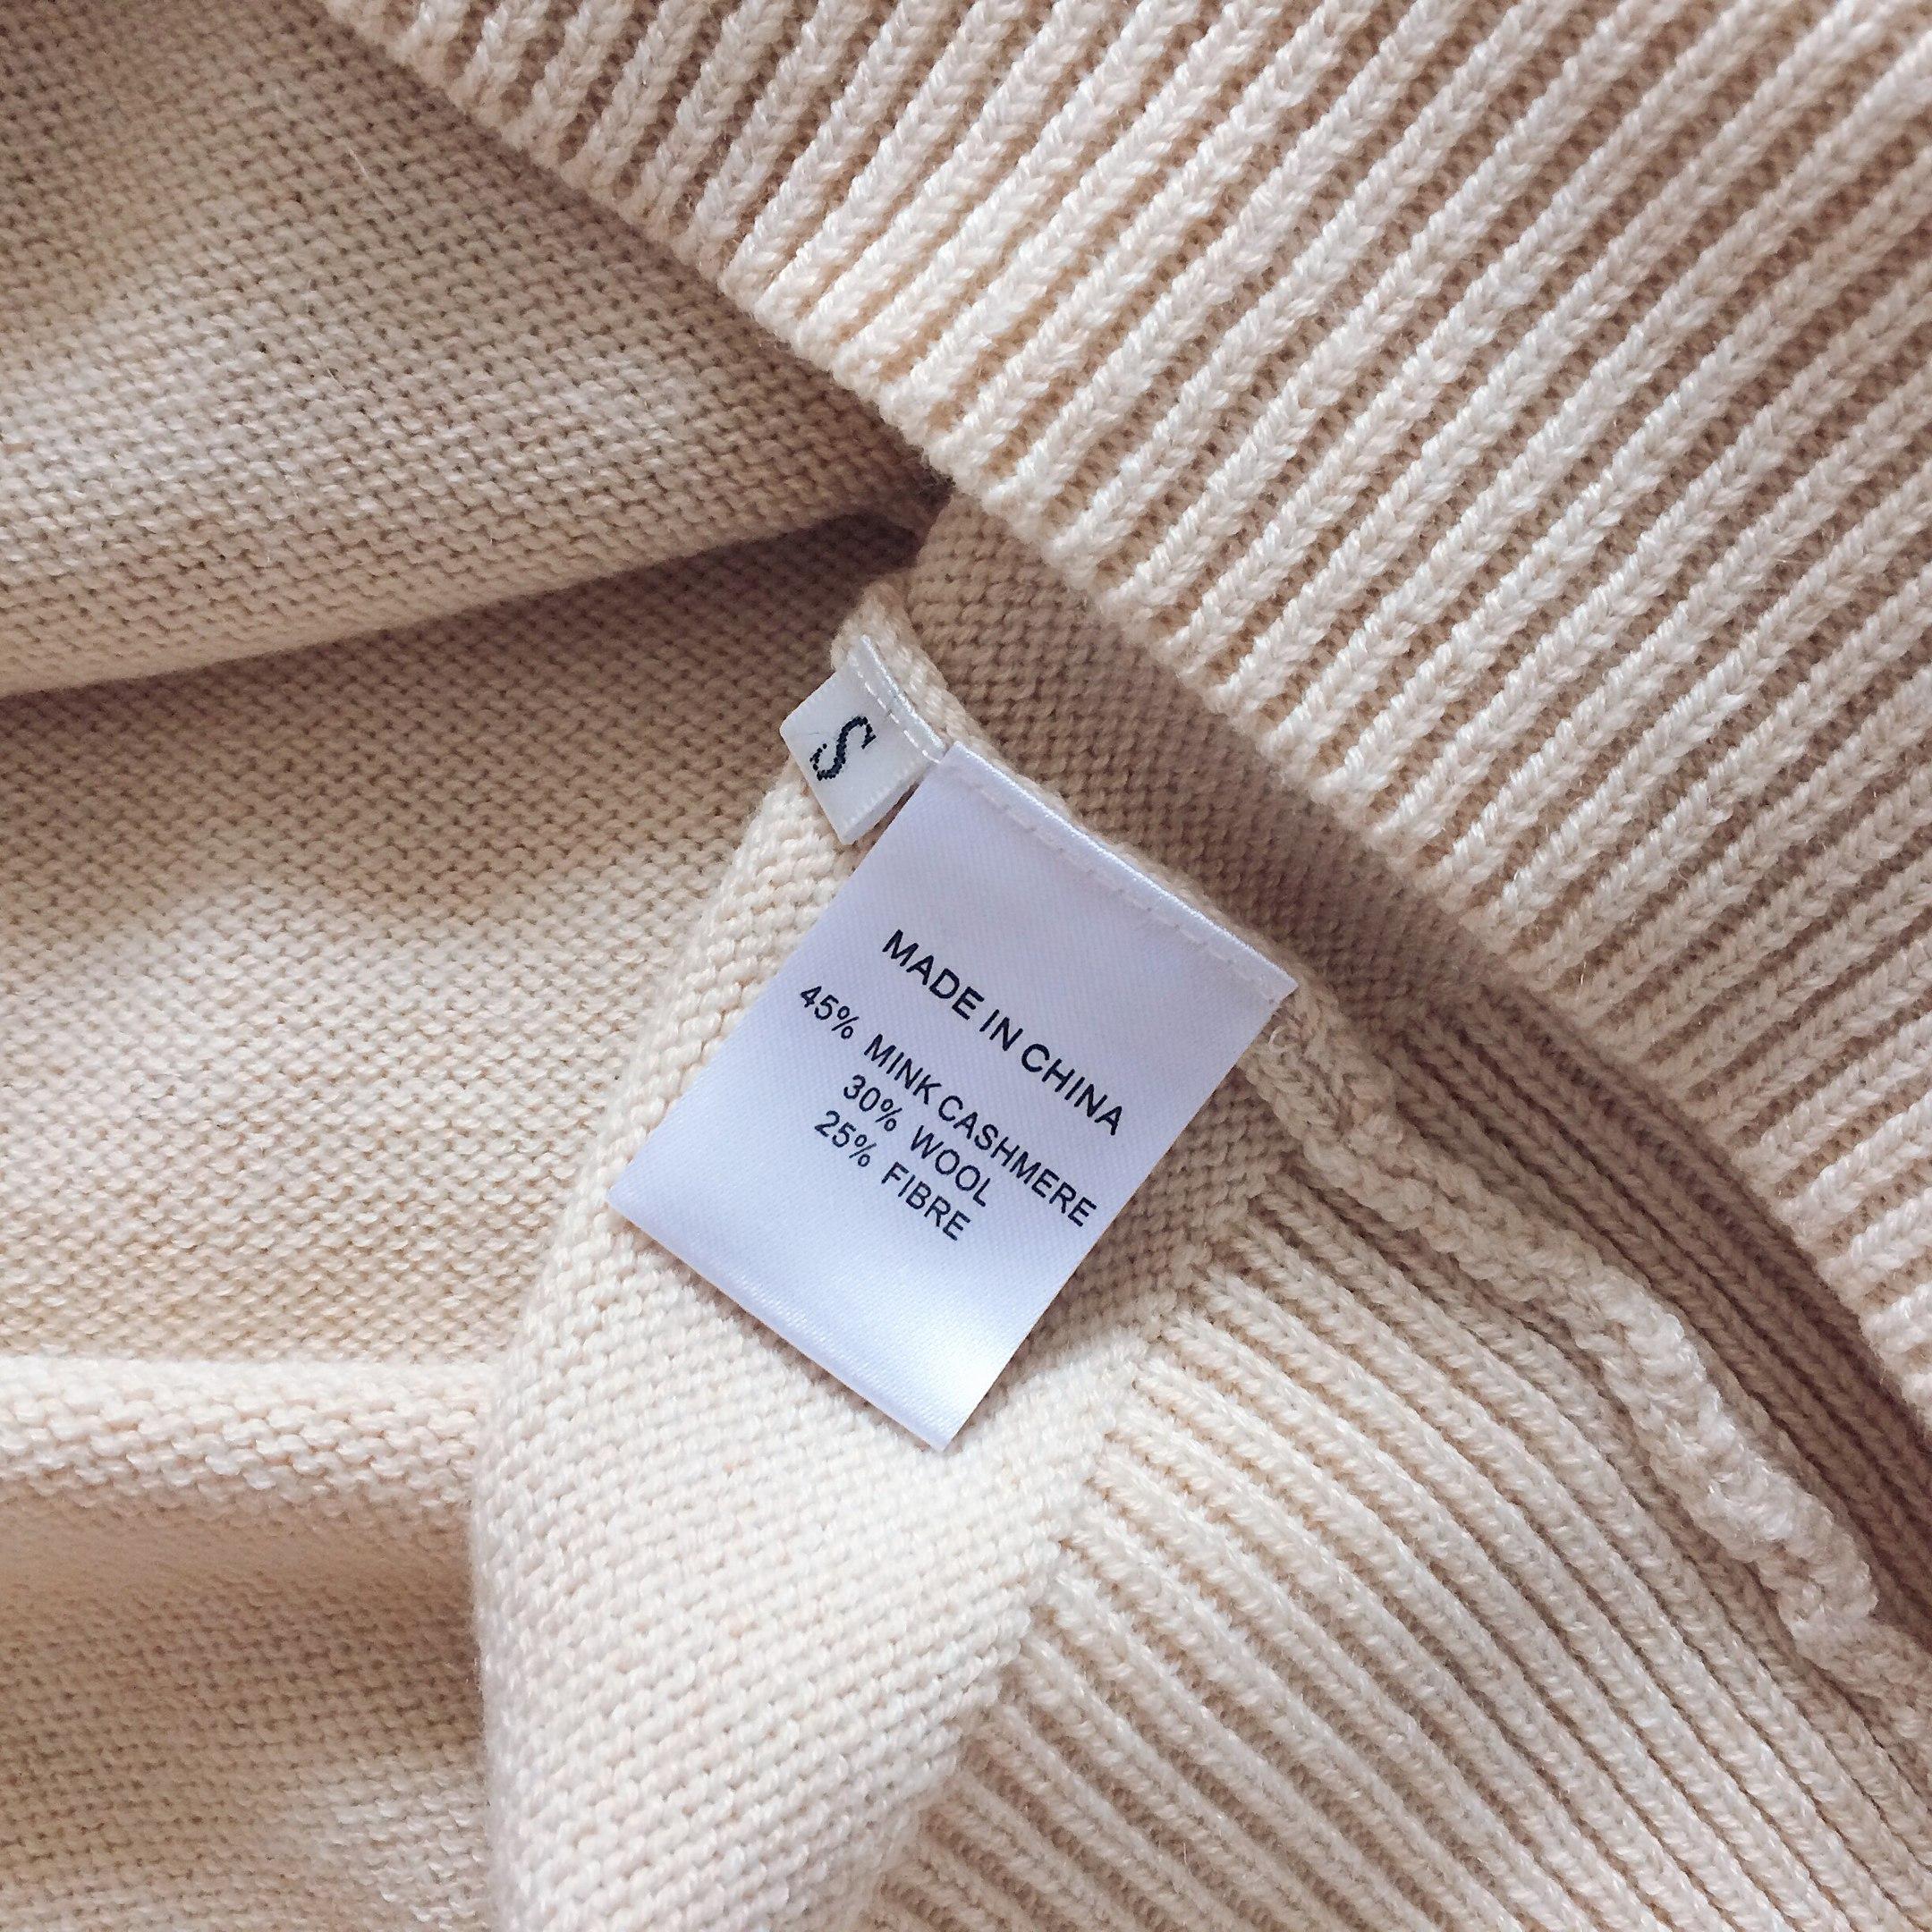 Мягкий-мягкий и КРУТОЙ костюм из кашемира и шерсти